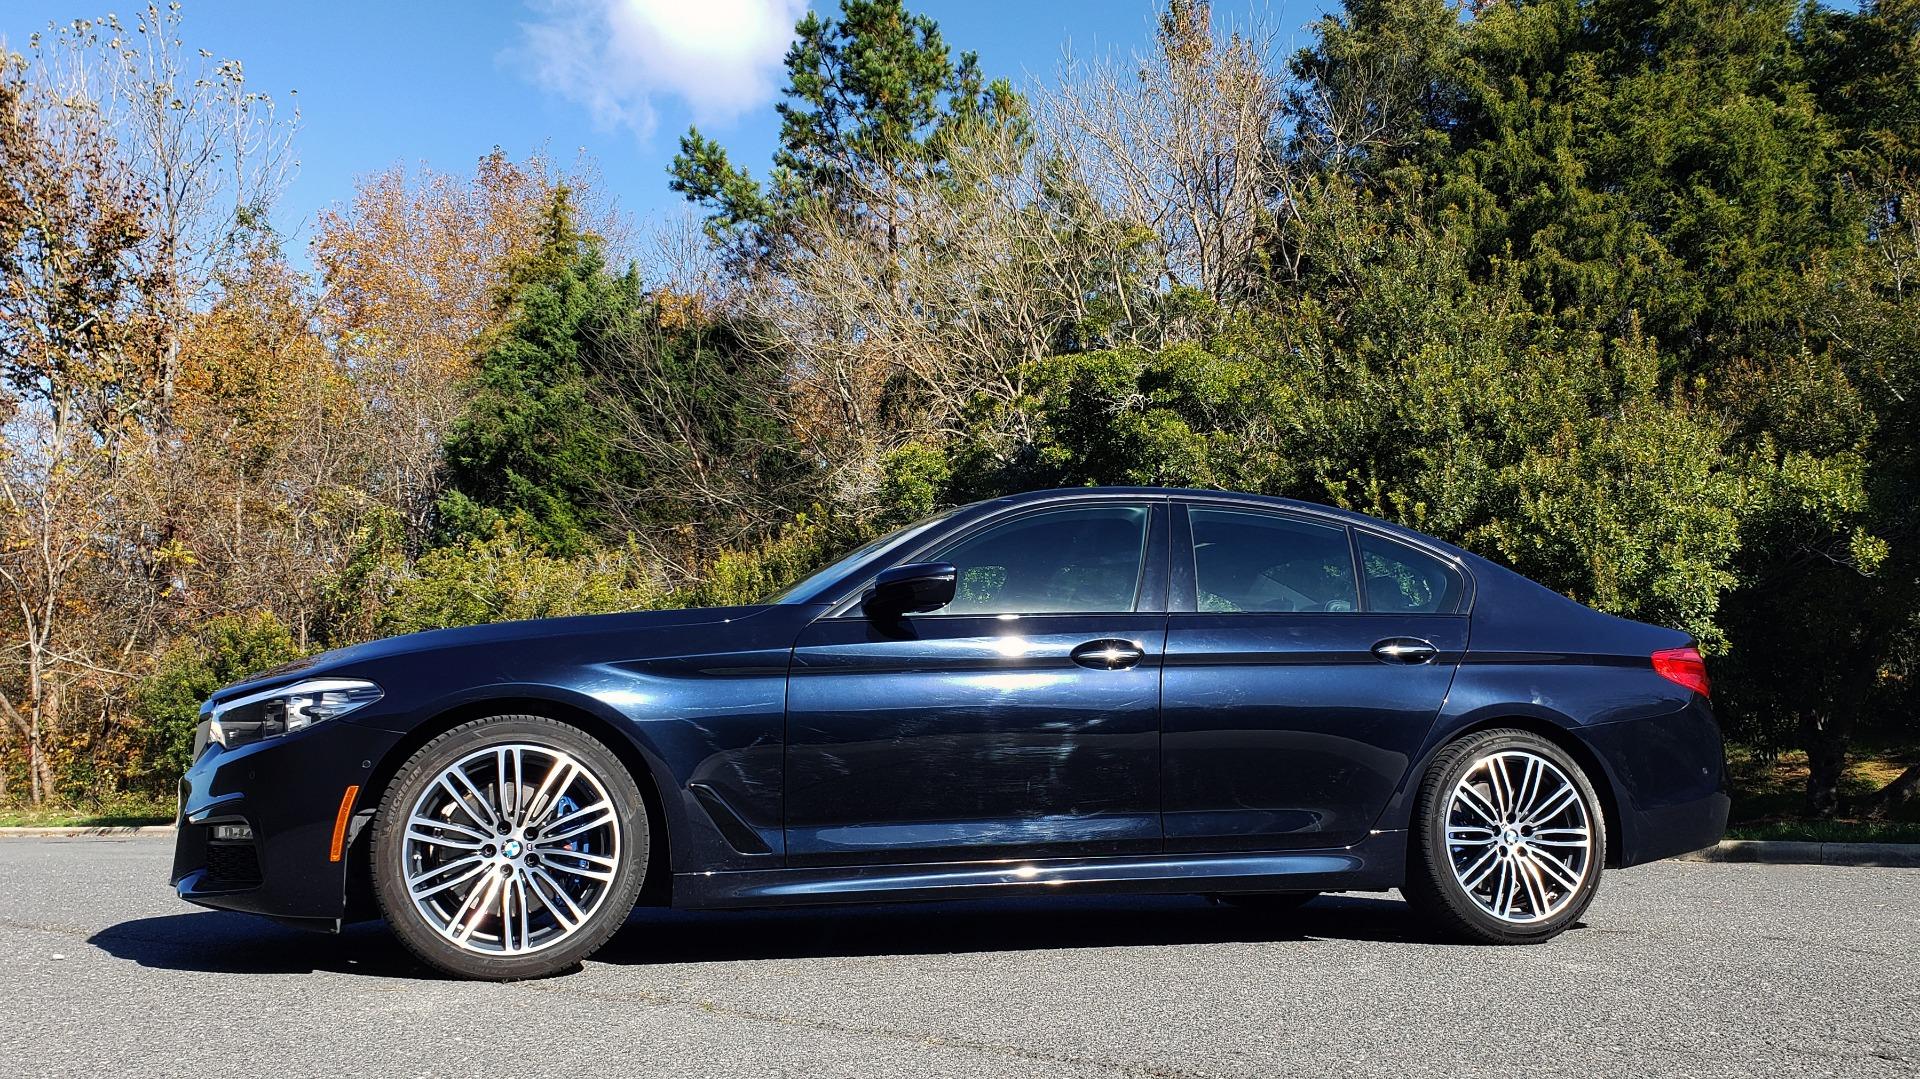 Used 2017 BMW 5 SERIES 530I M-SPORT / PREM PKG / DRVR ASST / HUD / NAV / REARVIEW for sale $33,995 at Formula Imports in Charlotte NC 28227 2